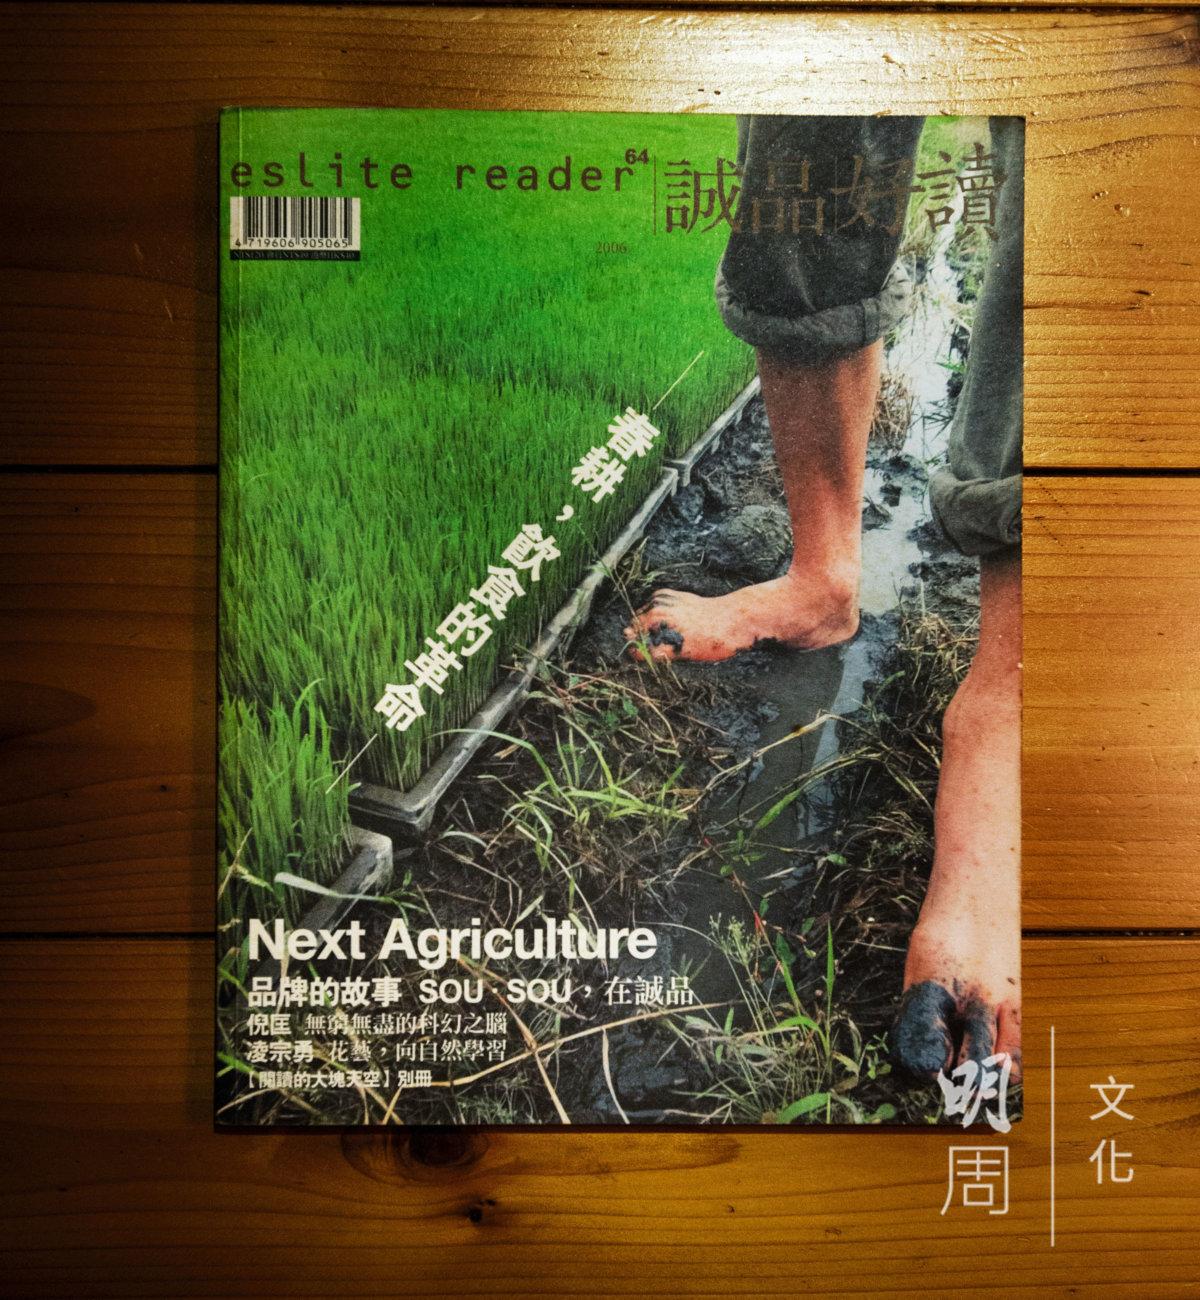 2006年,時任《誠品好讀》主編的蔣慧仙策劃封 面故事「春耕,飲食的革命Next Agriculture」, 探訪有機農業的生鮮場景,一探在這塊土地上 辛勤播種、耕耘的務農工作者。